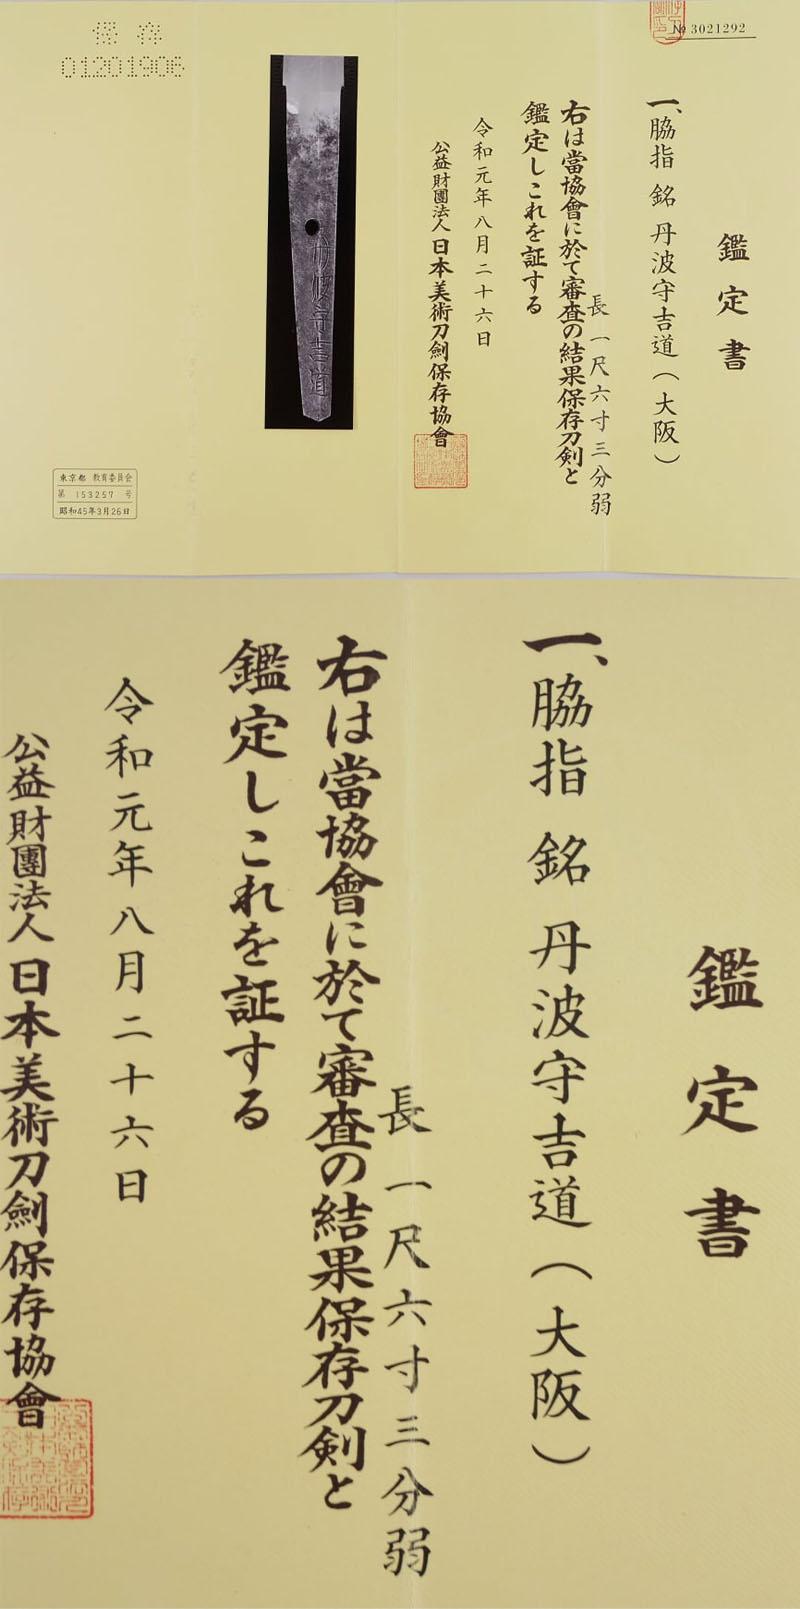 脇差 丹波守吉道(大阪) Picture of Certificate